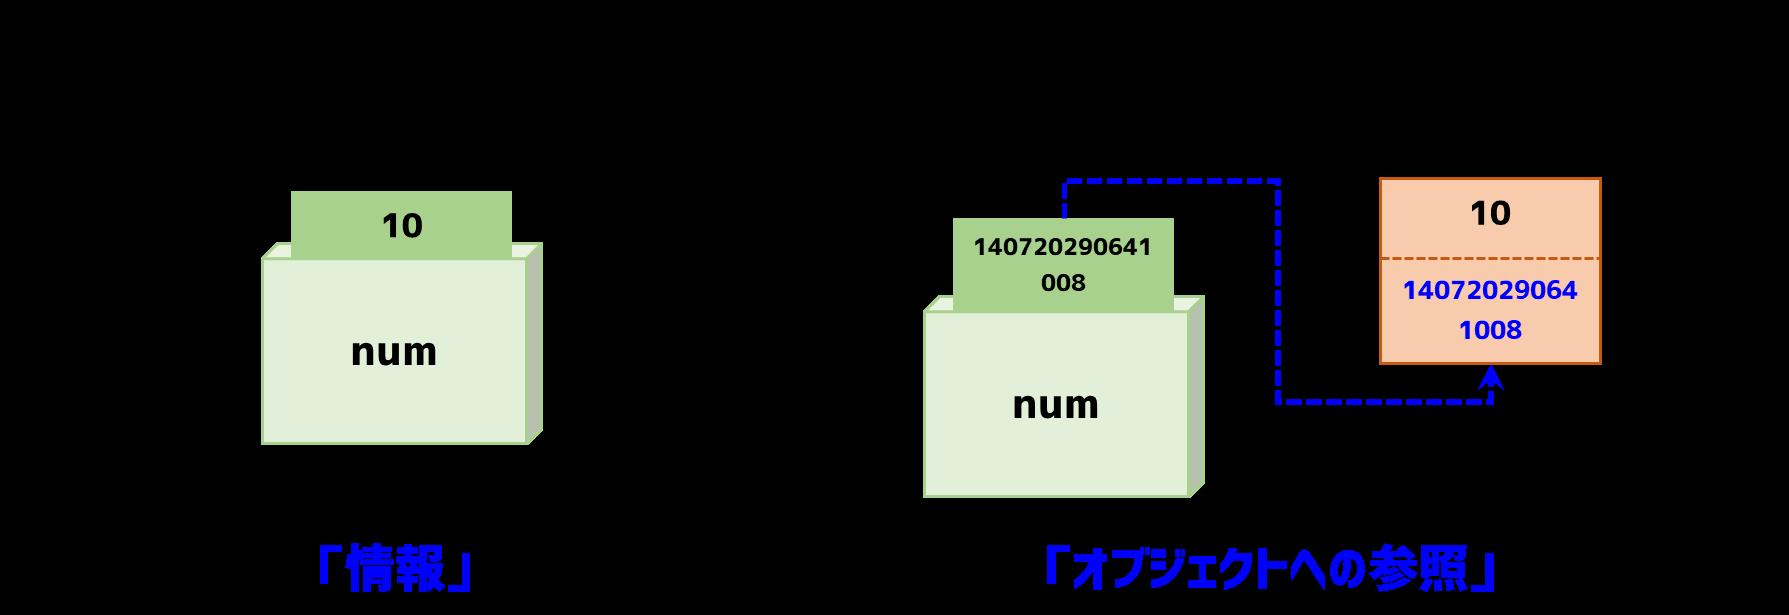 変数の情報管理方法の違い